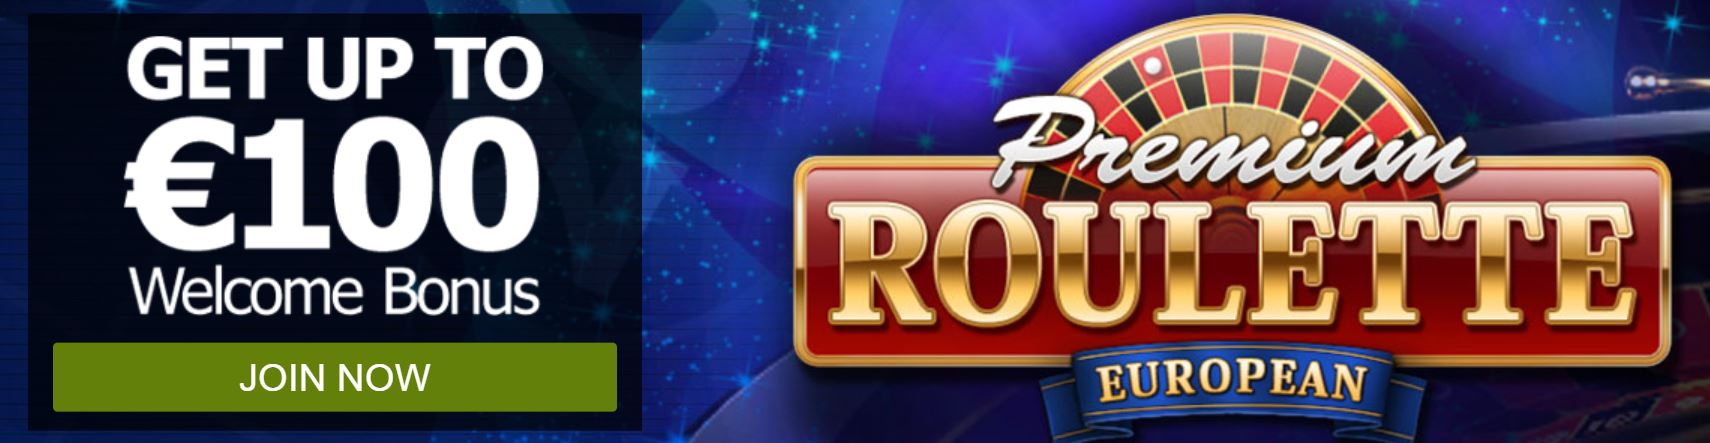 La ruleta europea es uno de los juegos más jugados en titanbet.